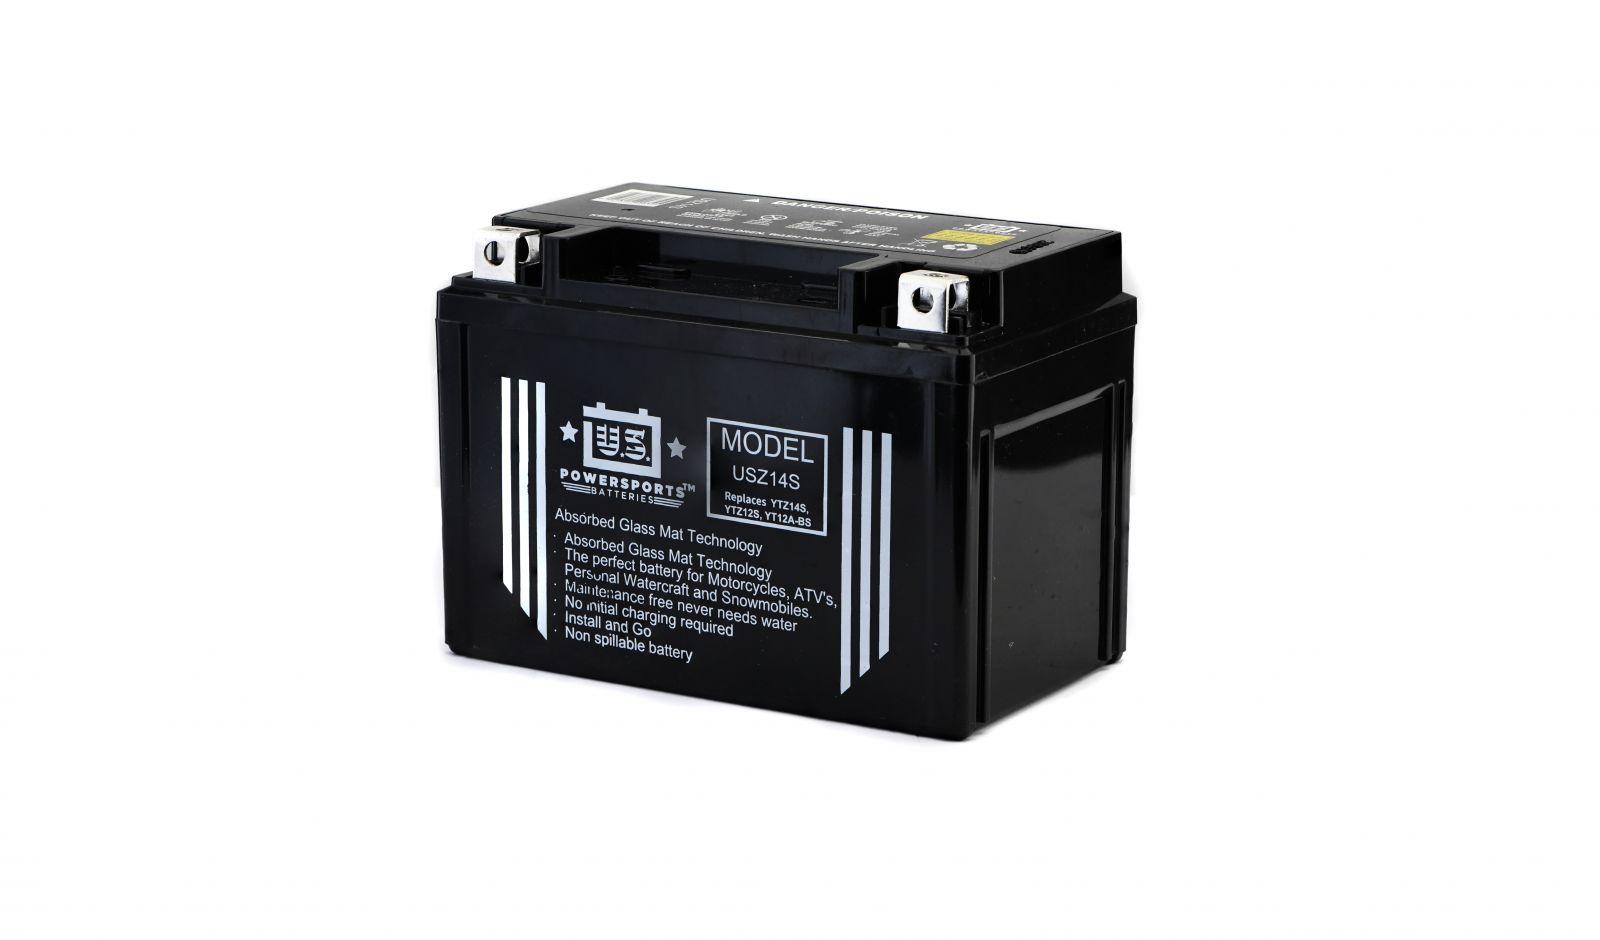 us powersports sealed battery - 501147U image